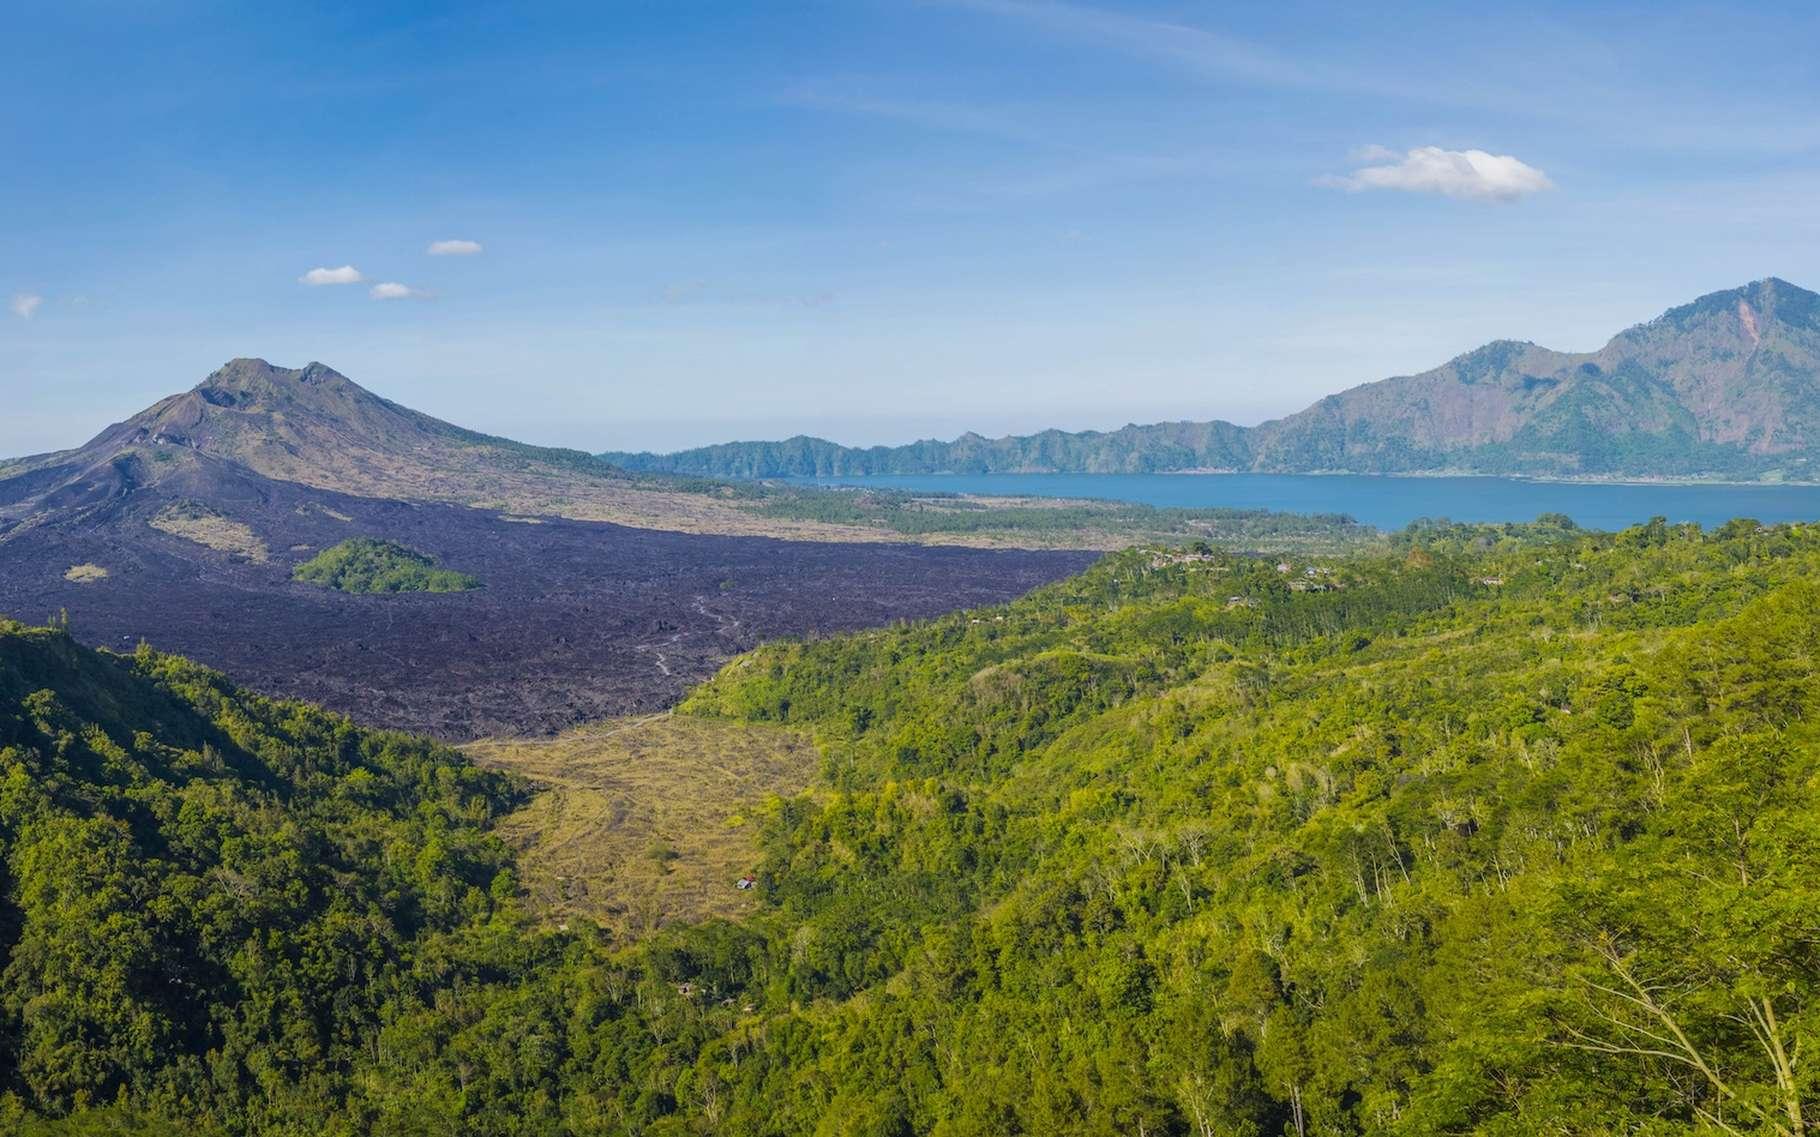 Certaines montagnes situées dans des régions tropicales humides comme l'Indonésie capturent et stockent le CO2 atmosphérique pesant ainsi lourdement sur le climat mondial. © Nawalescape, Pixabay, CC0 Creative Commons